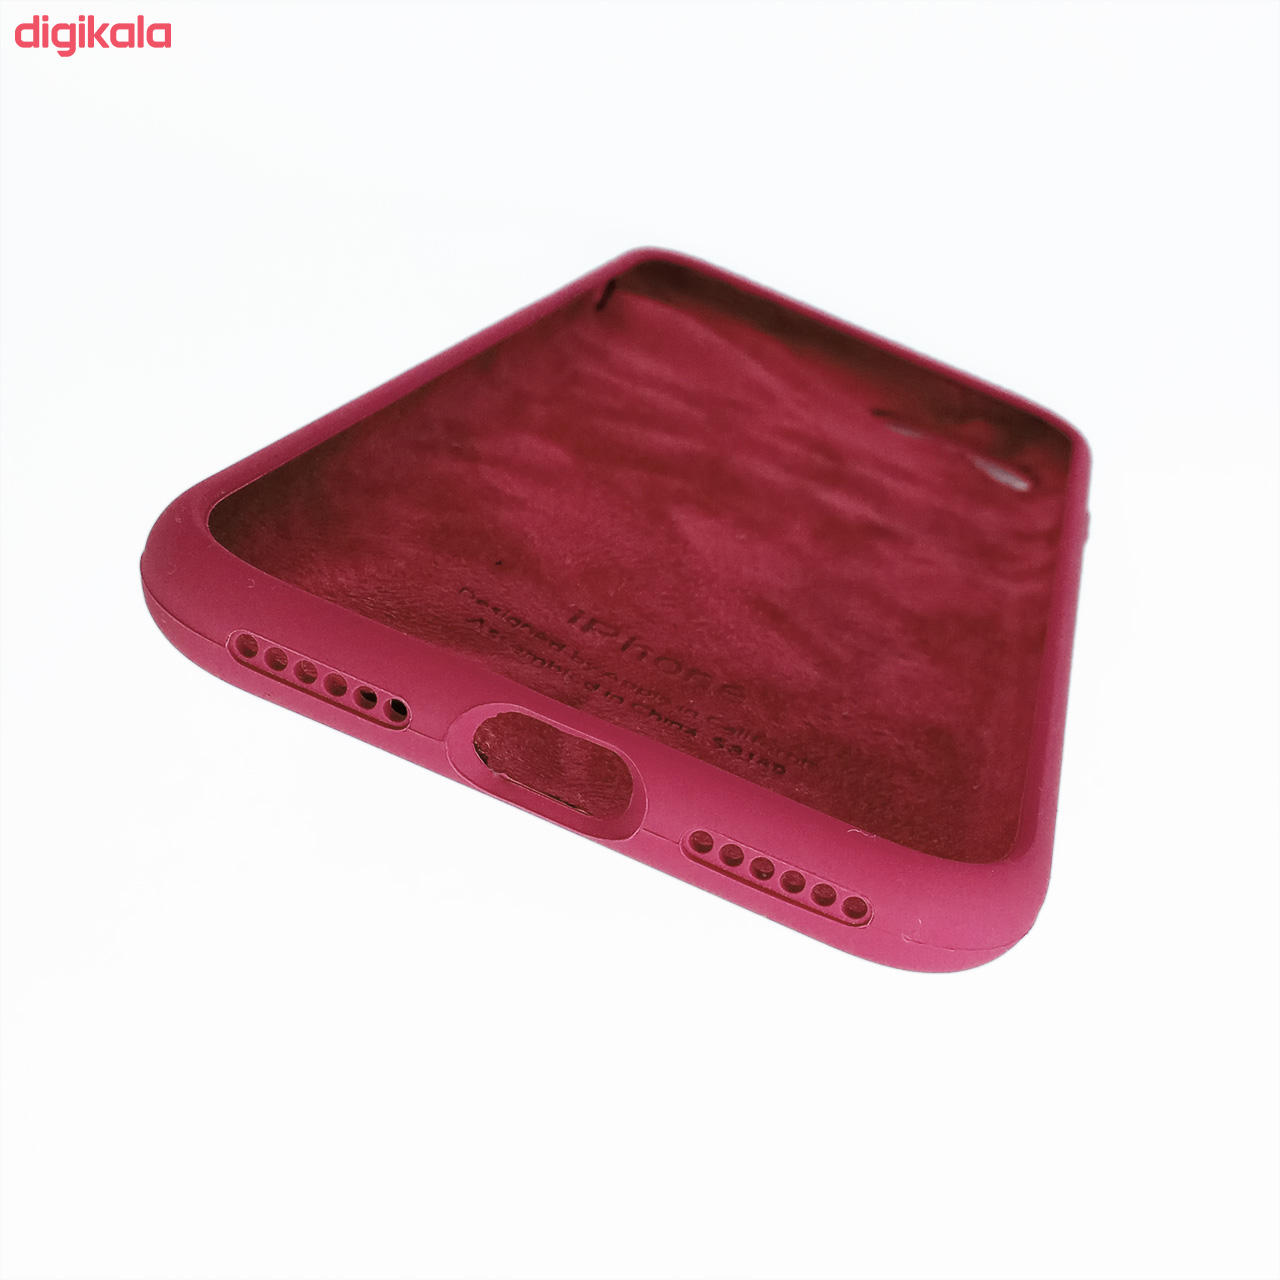 کاور وی کیس مدل Si01 مناسب برای گوشی موبایل اپل iPhone X/XS main 1 5